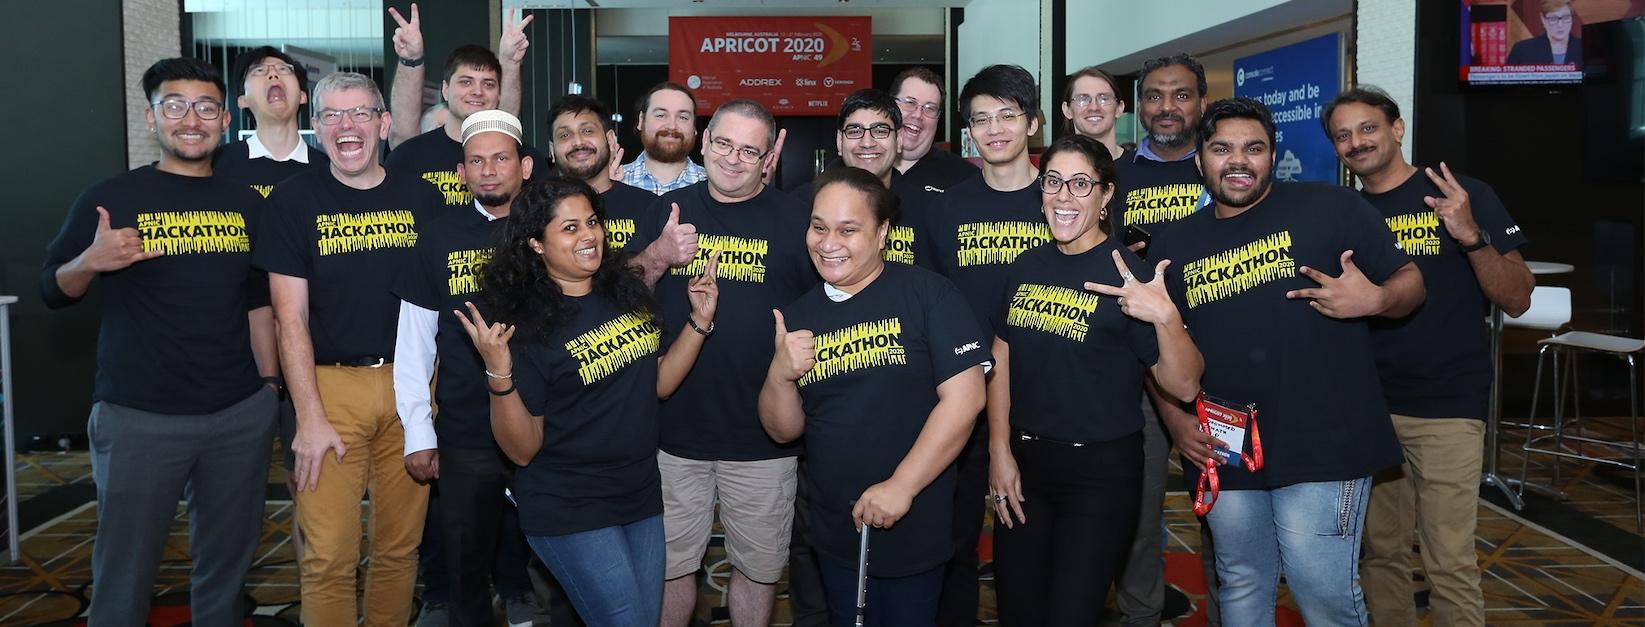 Teamwork shines through at 3rd APNIC Hackathon